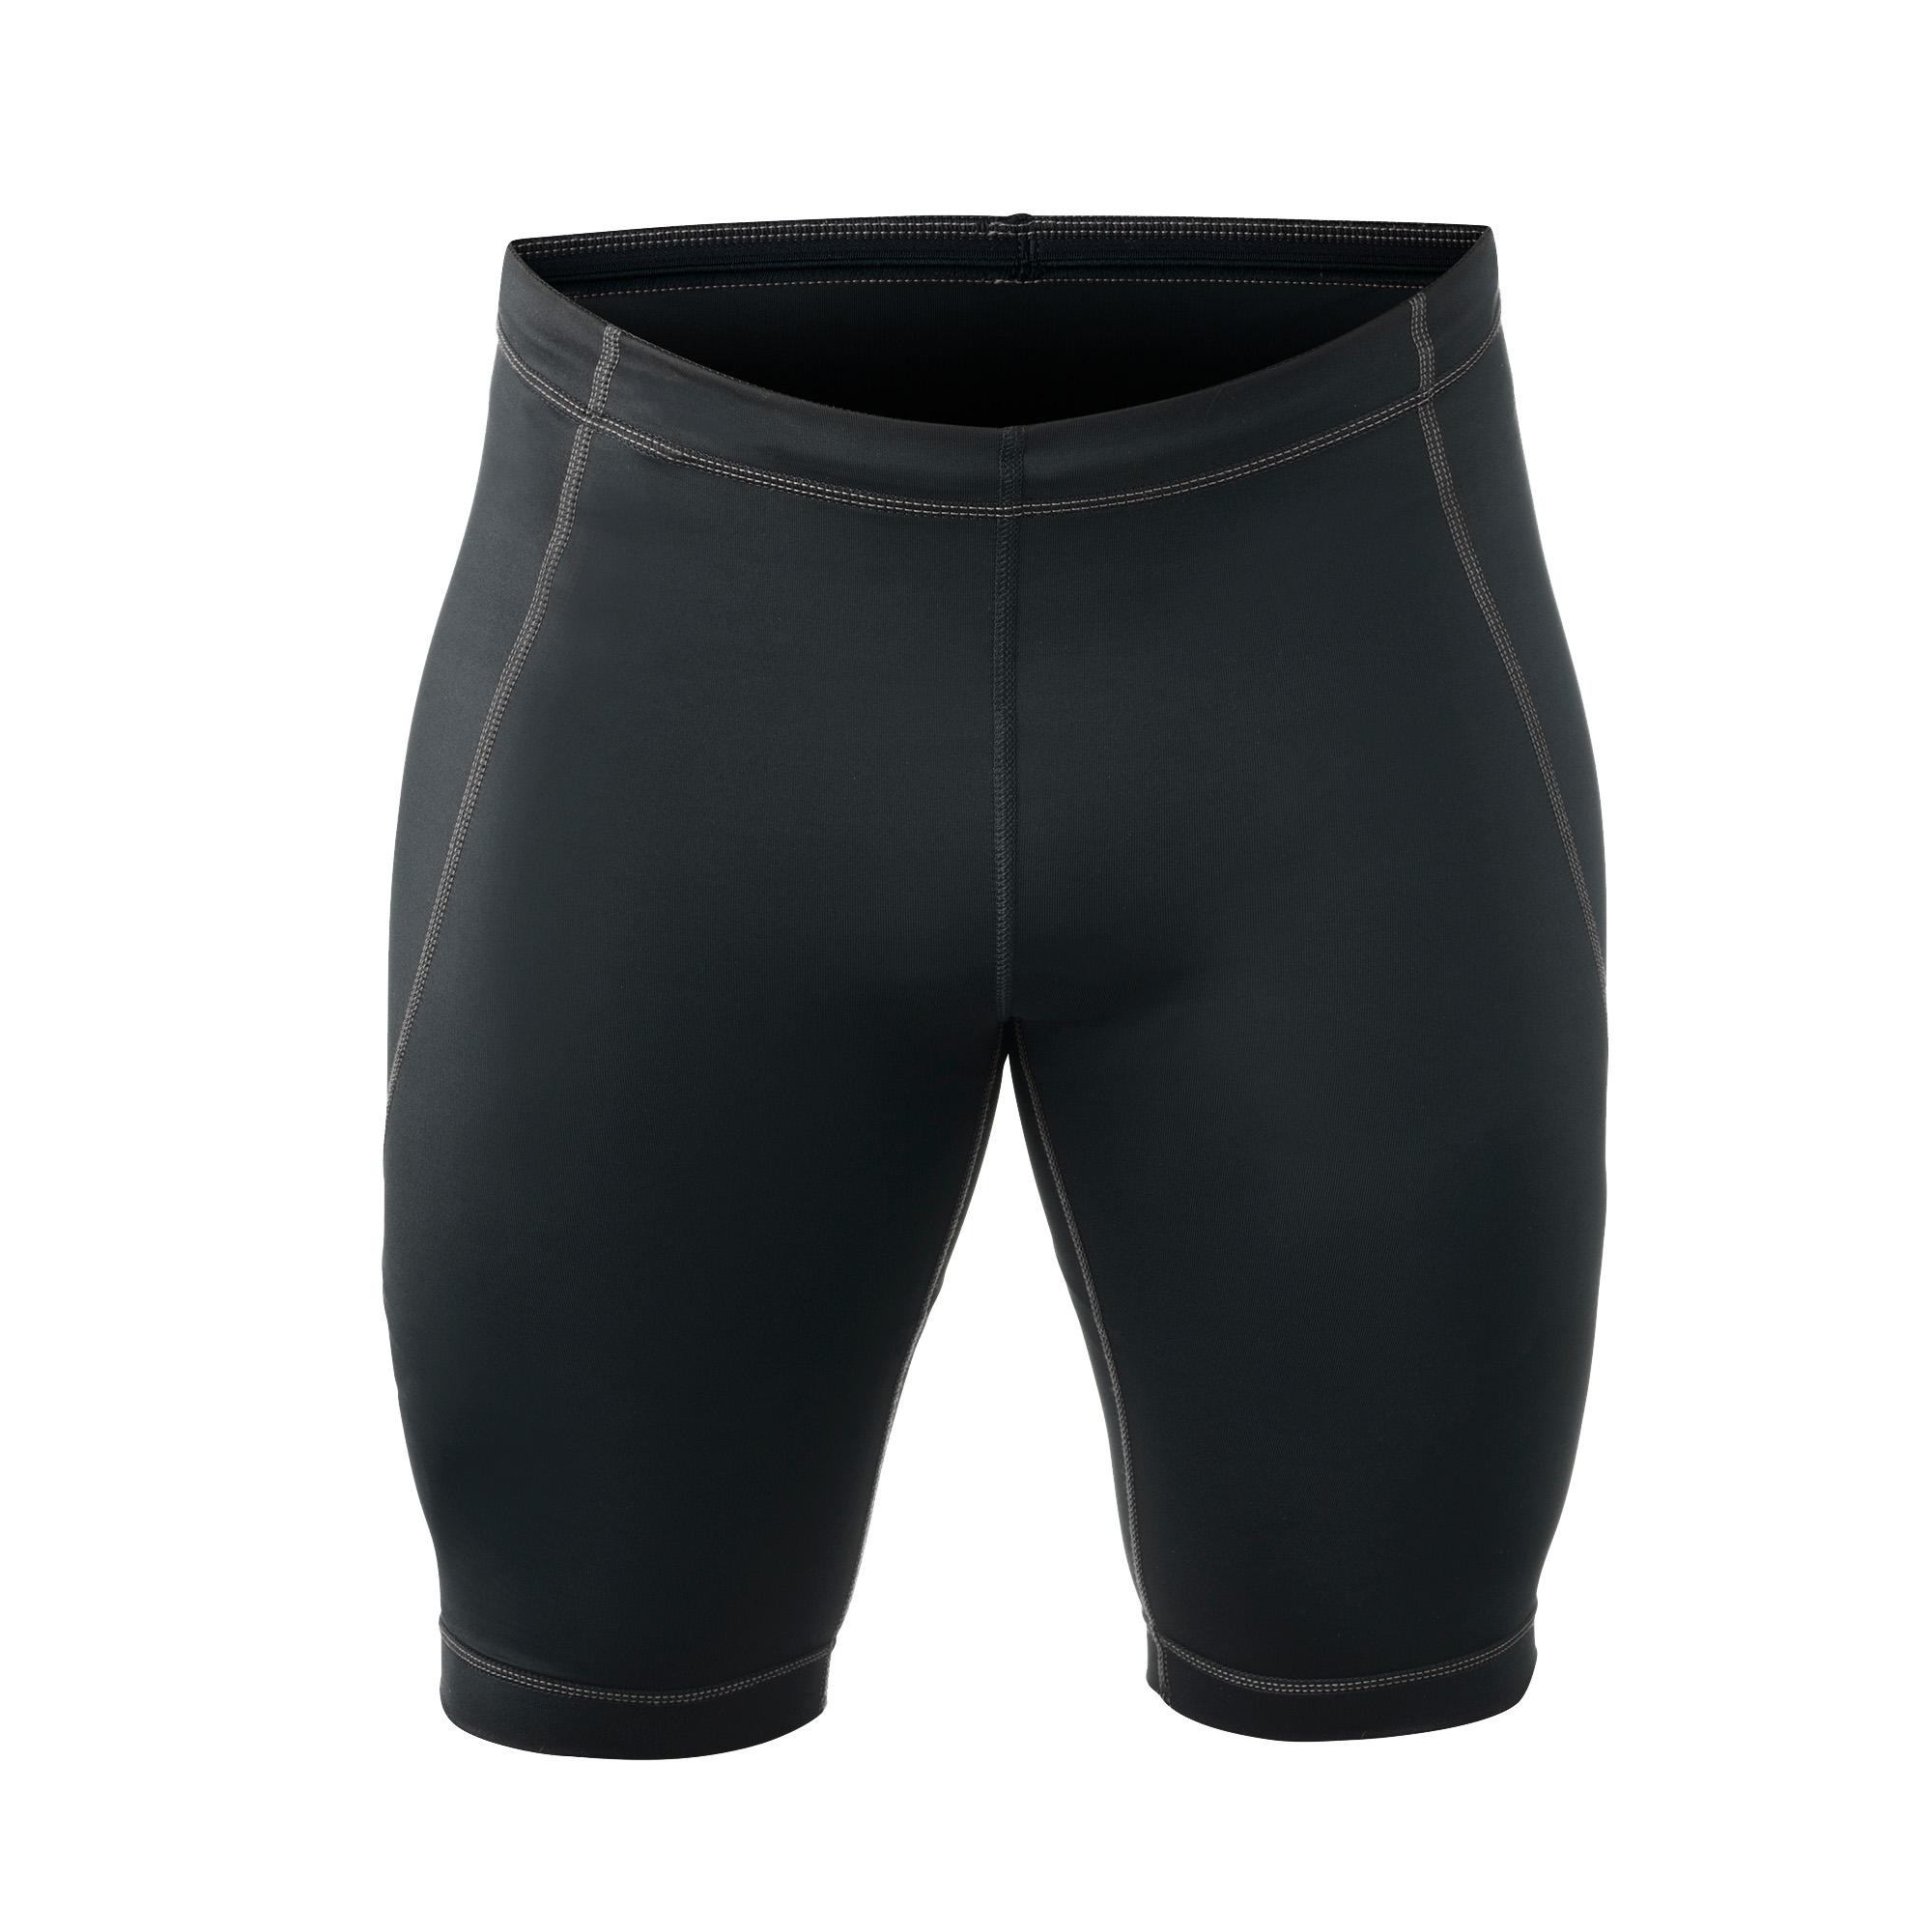 Rehband QD Compressie Shorts - Heren - Zwart - XXL